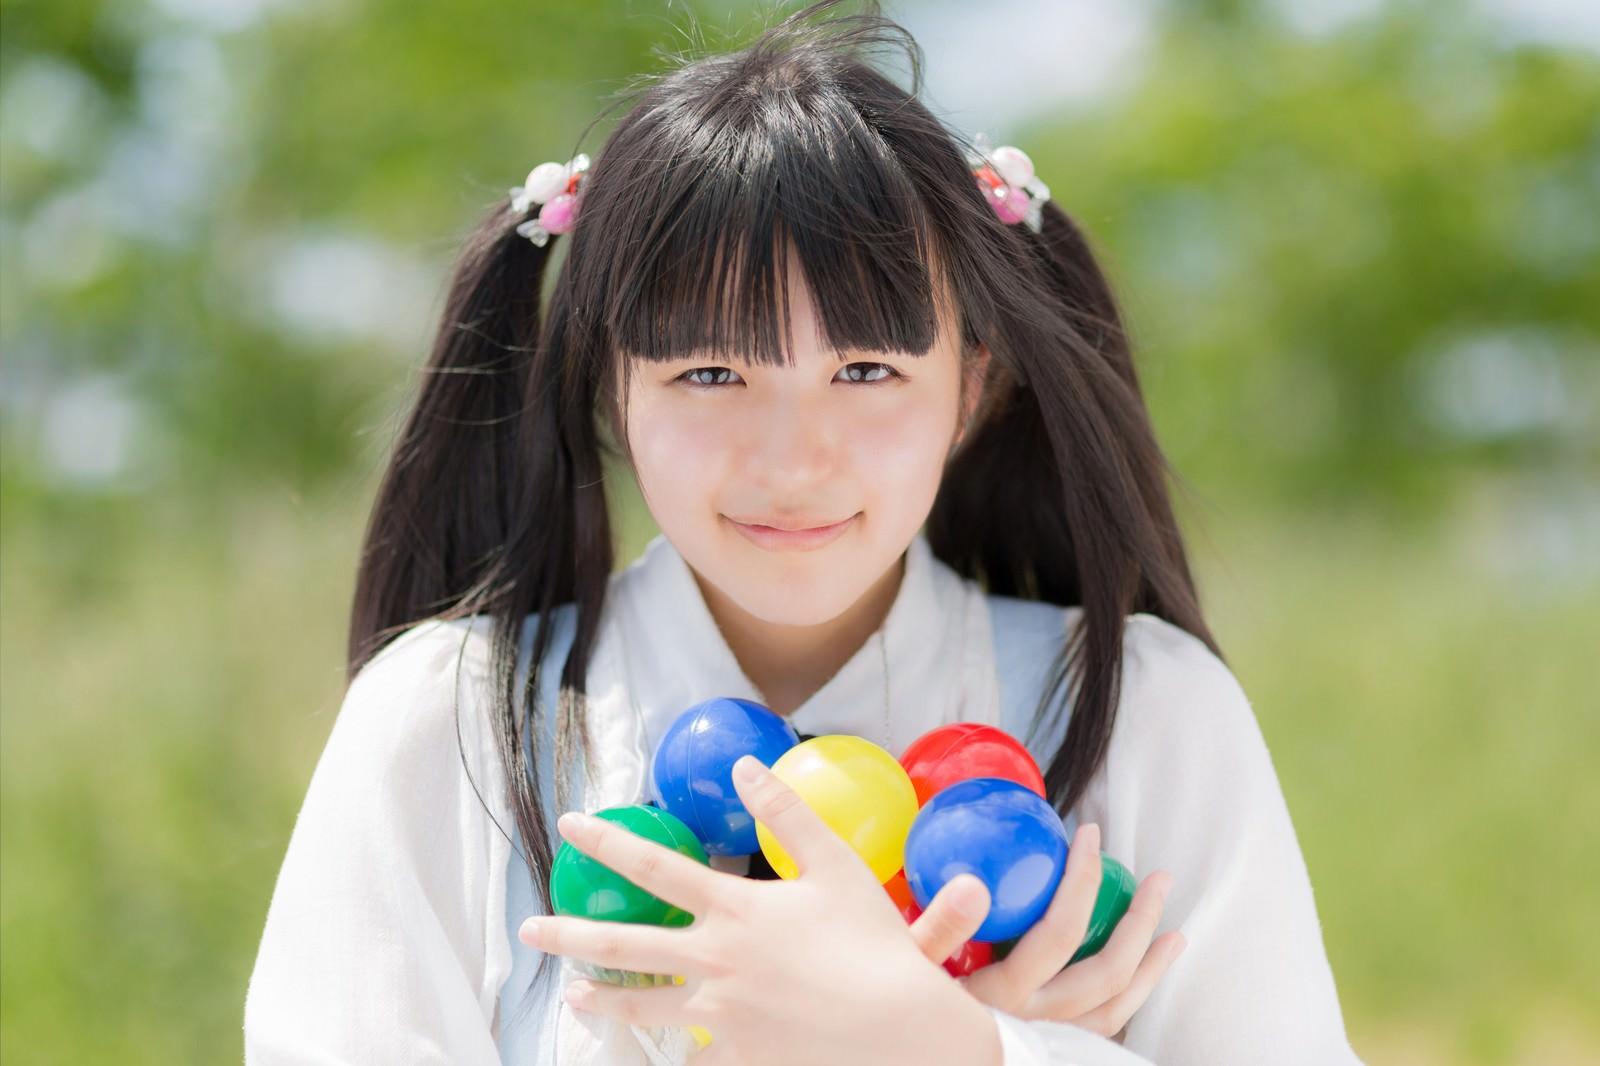 「両手にカラーボールを持ったツインテールの女の子両手にカラーボールを持ったツインテールの女の子」[モデル:こころ]のフリー写真素材を拡大